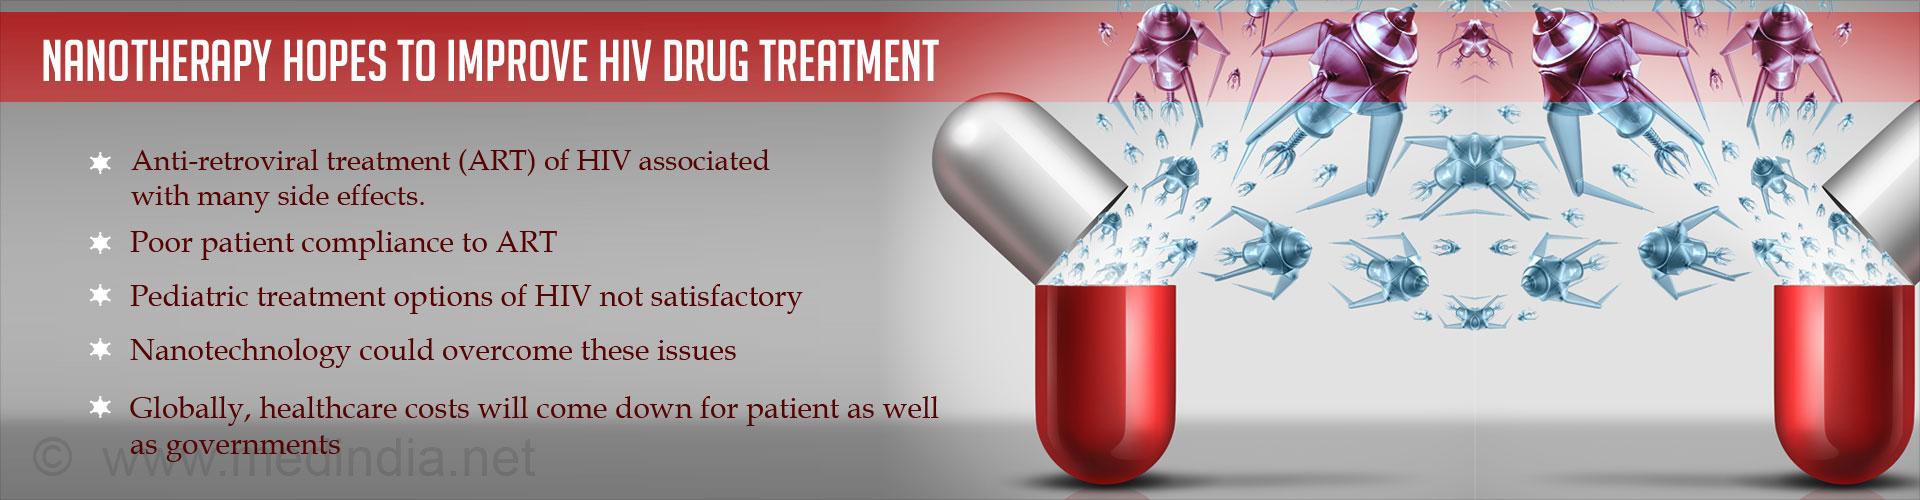 Nanomedicine Hopes to Improve HIV Drug Treatment